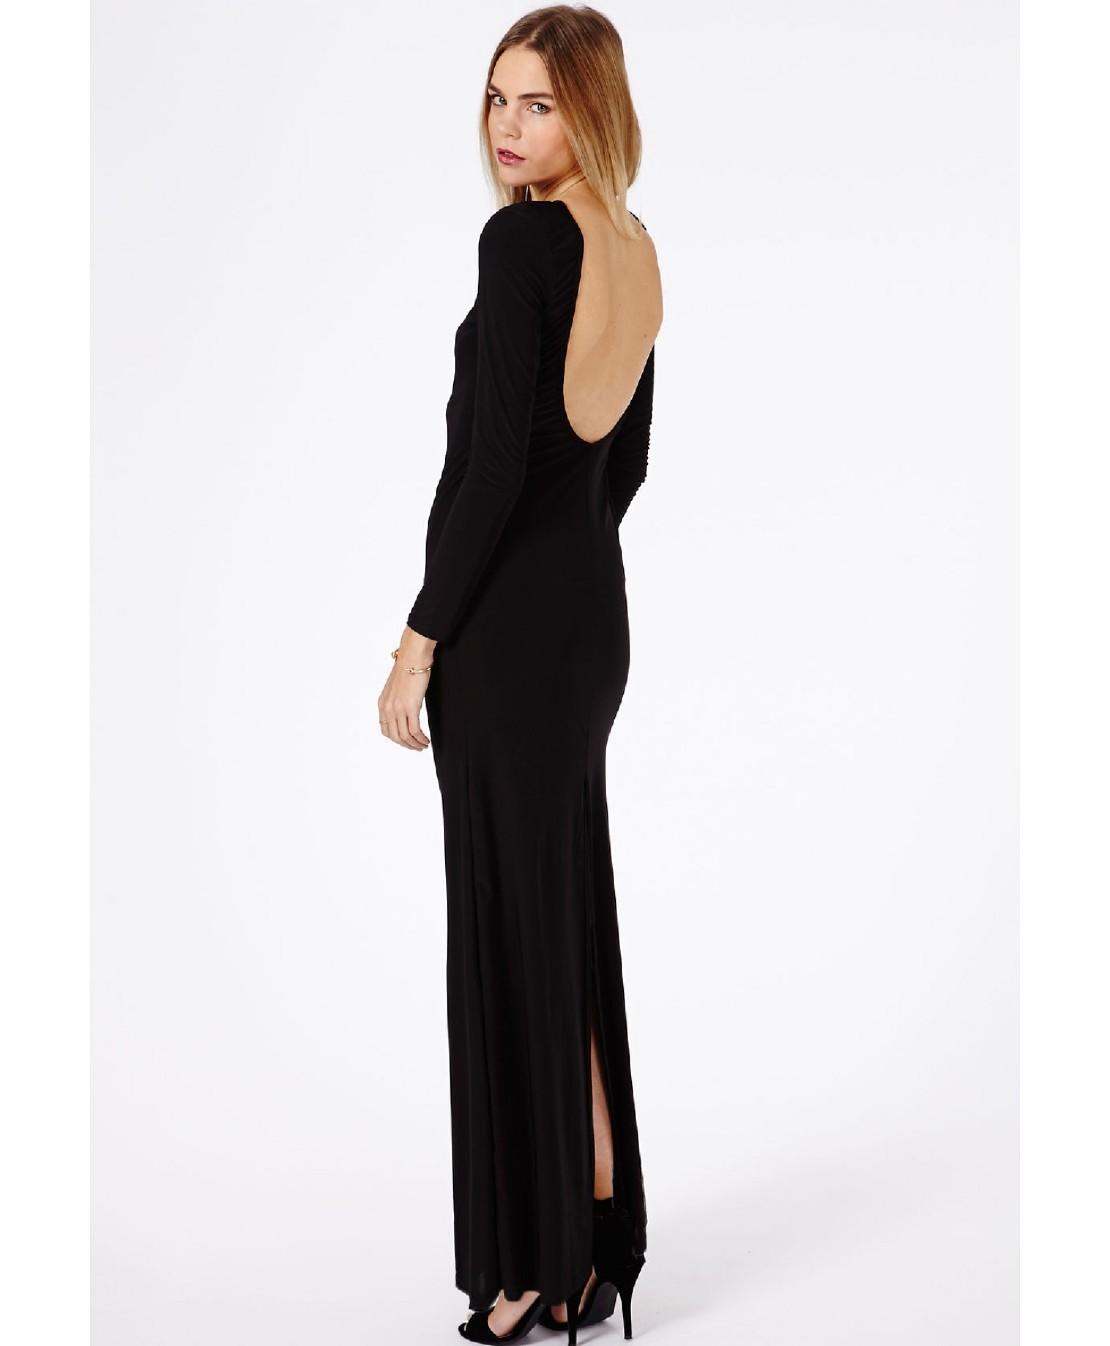 Фото платьев с длинным рукавом и открытой спиной